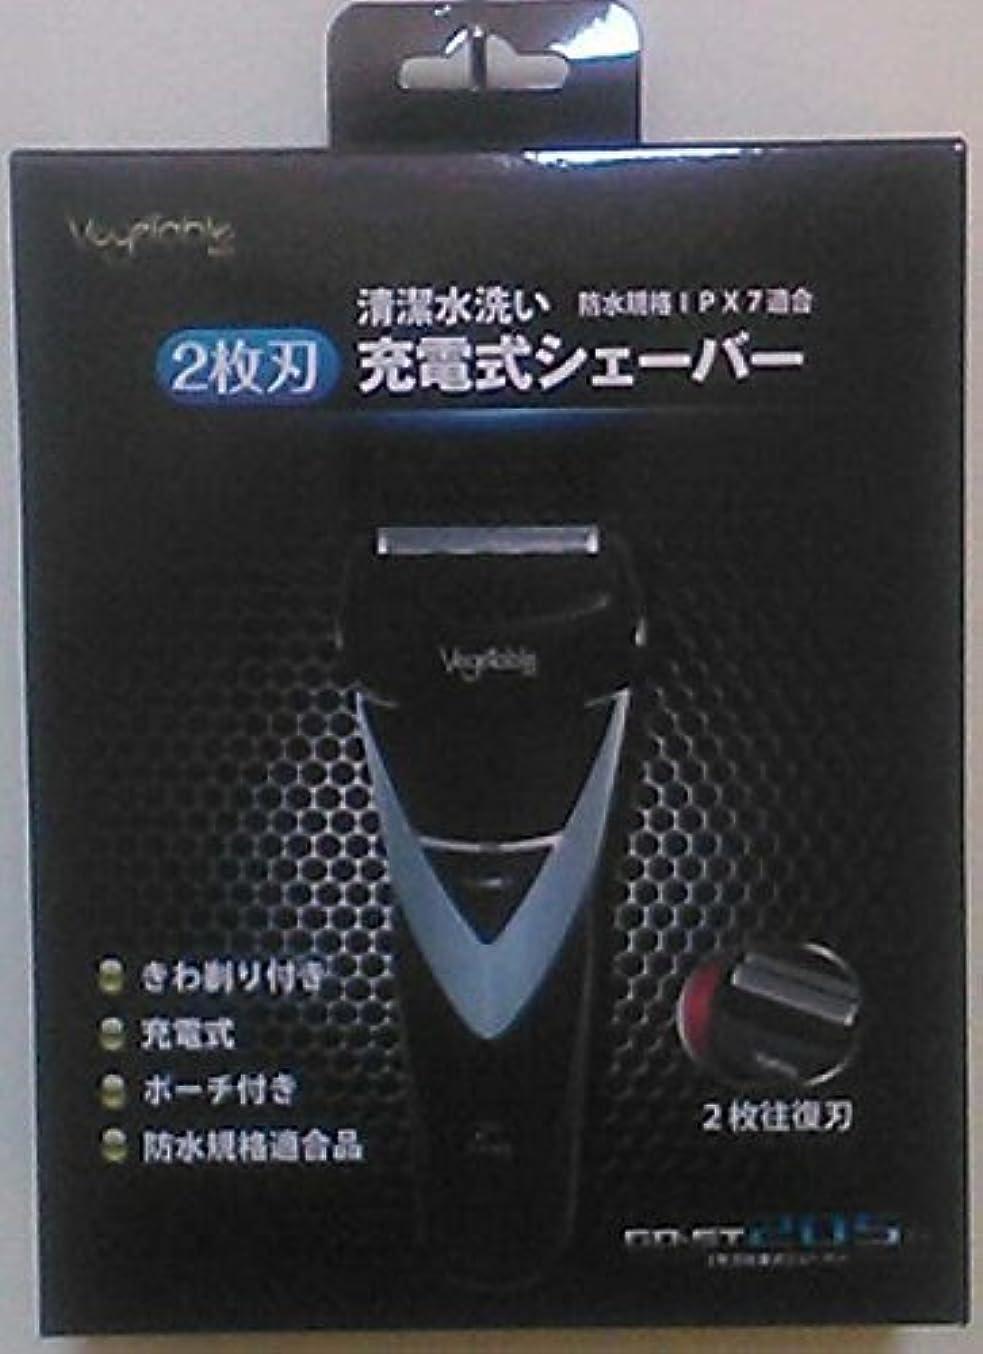 カセットブレイズ大学GD商事 充電式水洗い2枚刃シェーバー GD-ST205B ブラック